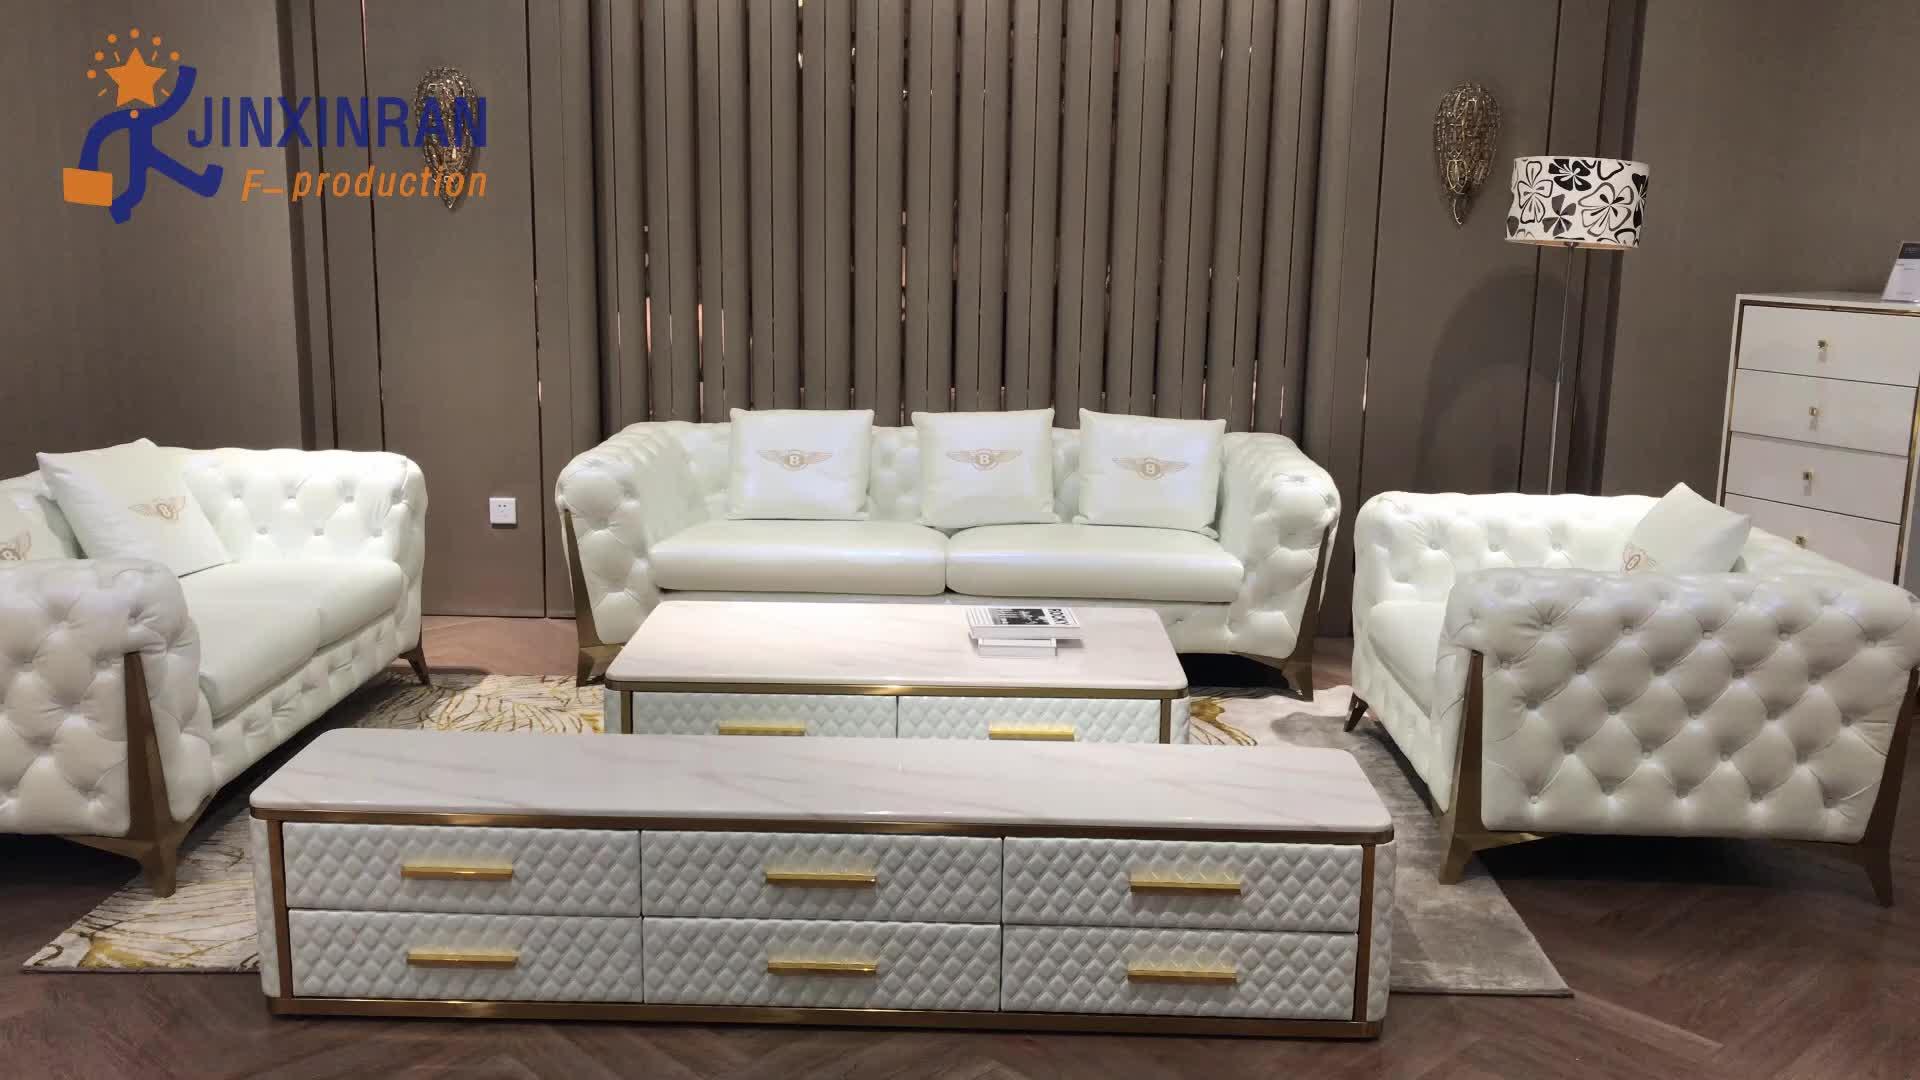 अमेरिकी आधुनिक कमरे में रहने वाले फर्नीचर Chesterfield सोफा सेट 3 सीटों वाले डिजाइन सफेद बटन गुच्छेदार चमड़े chesterfield सोफे